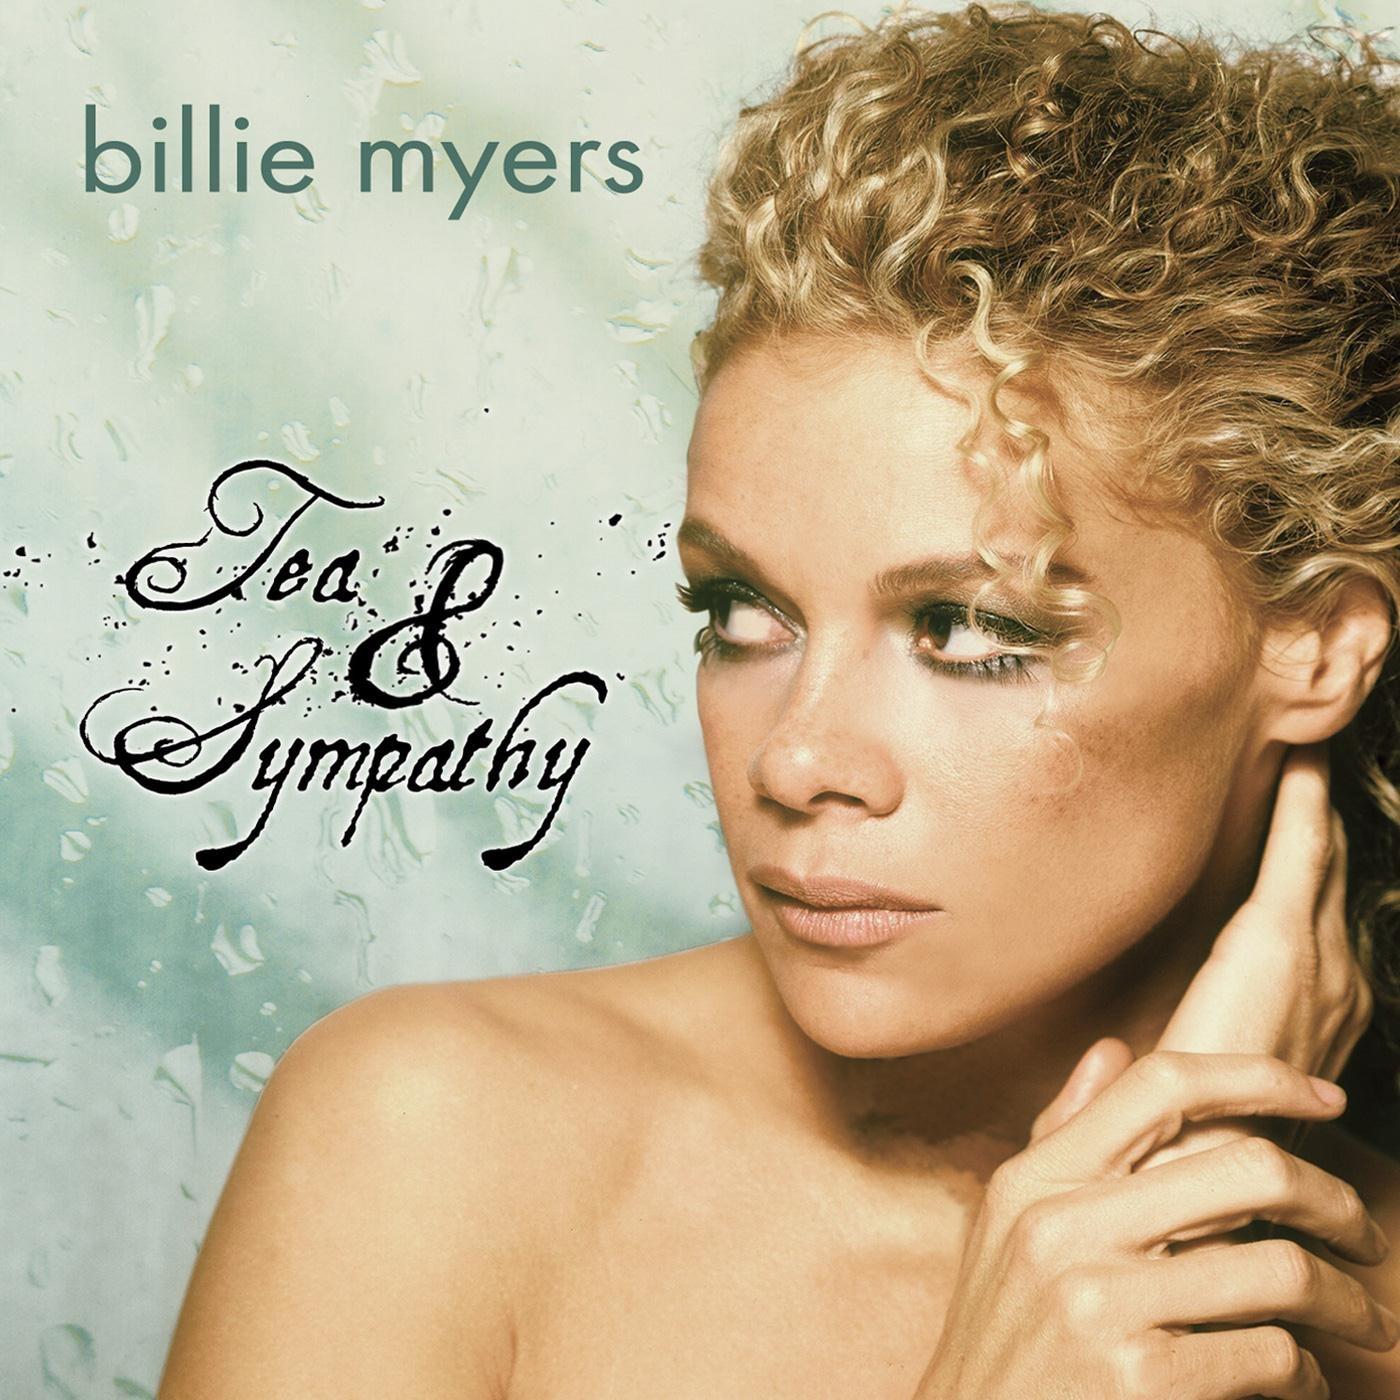 Billie Myers album Tea & Sympathy